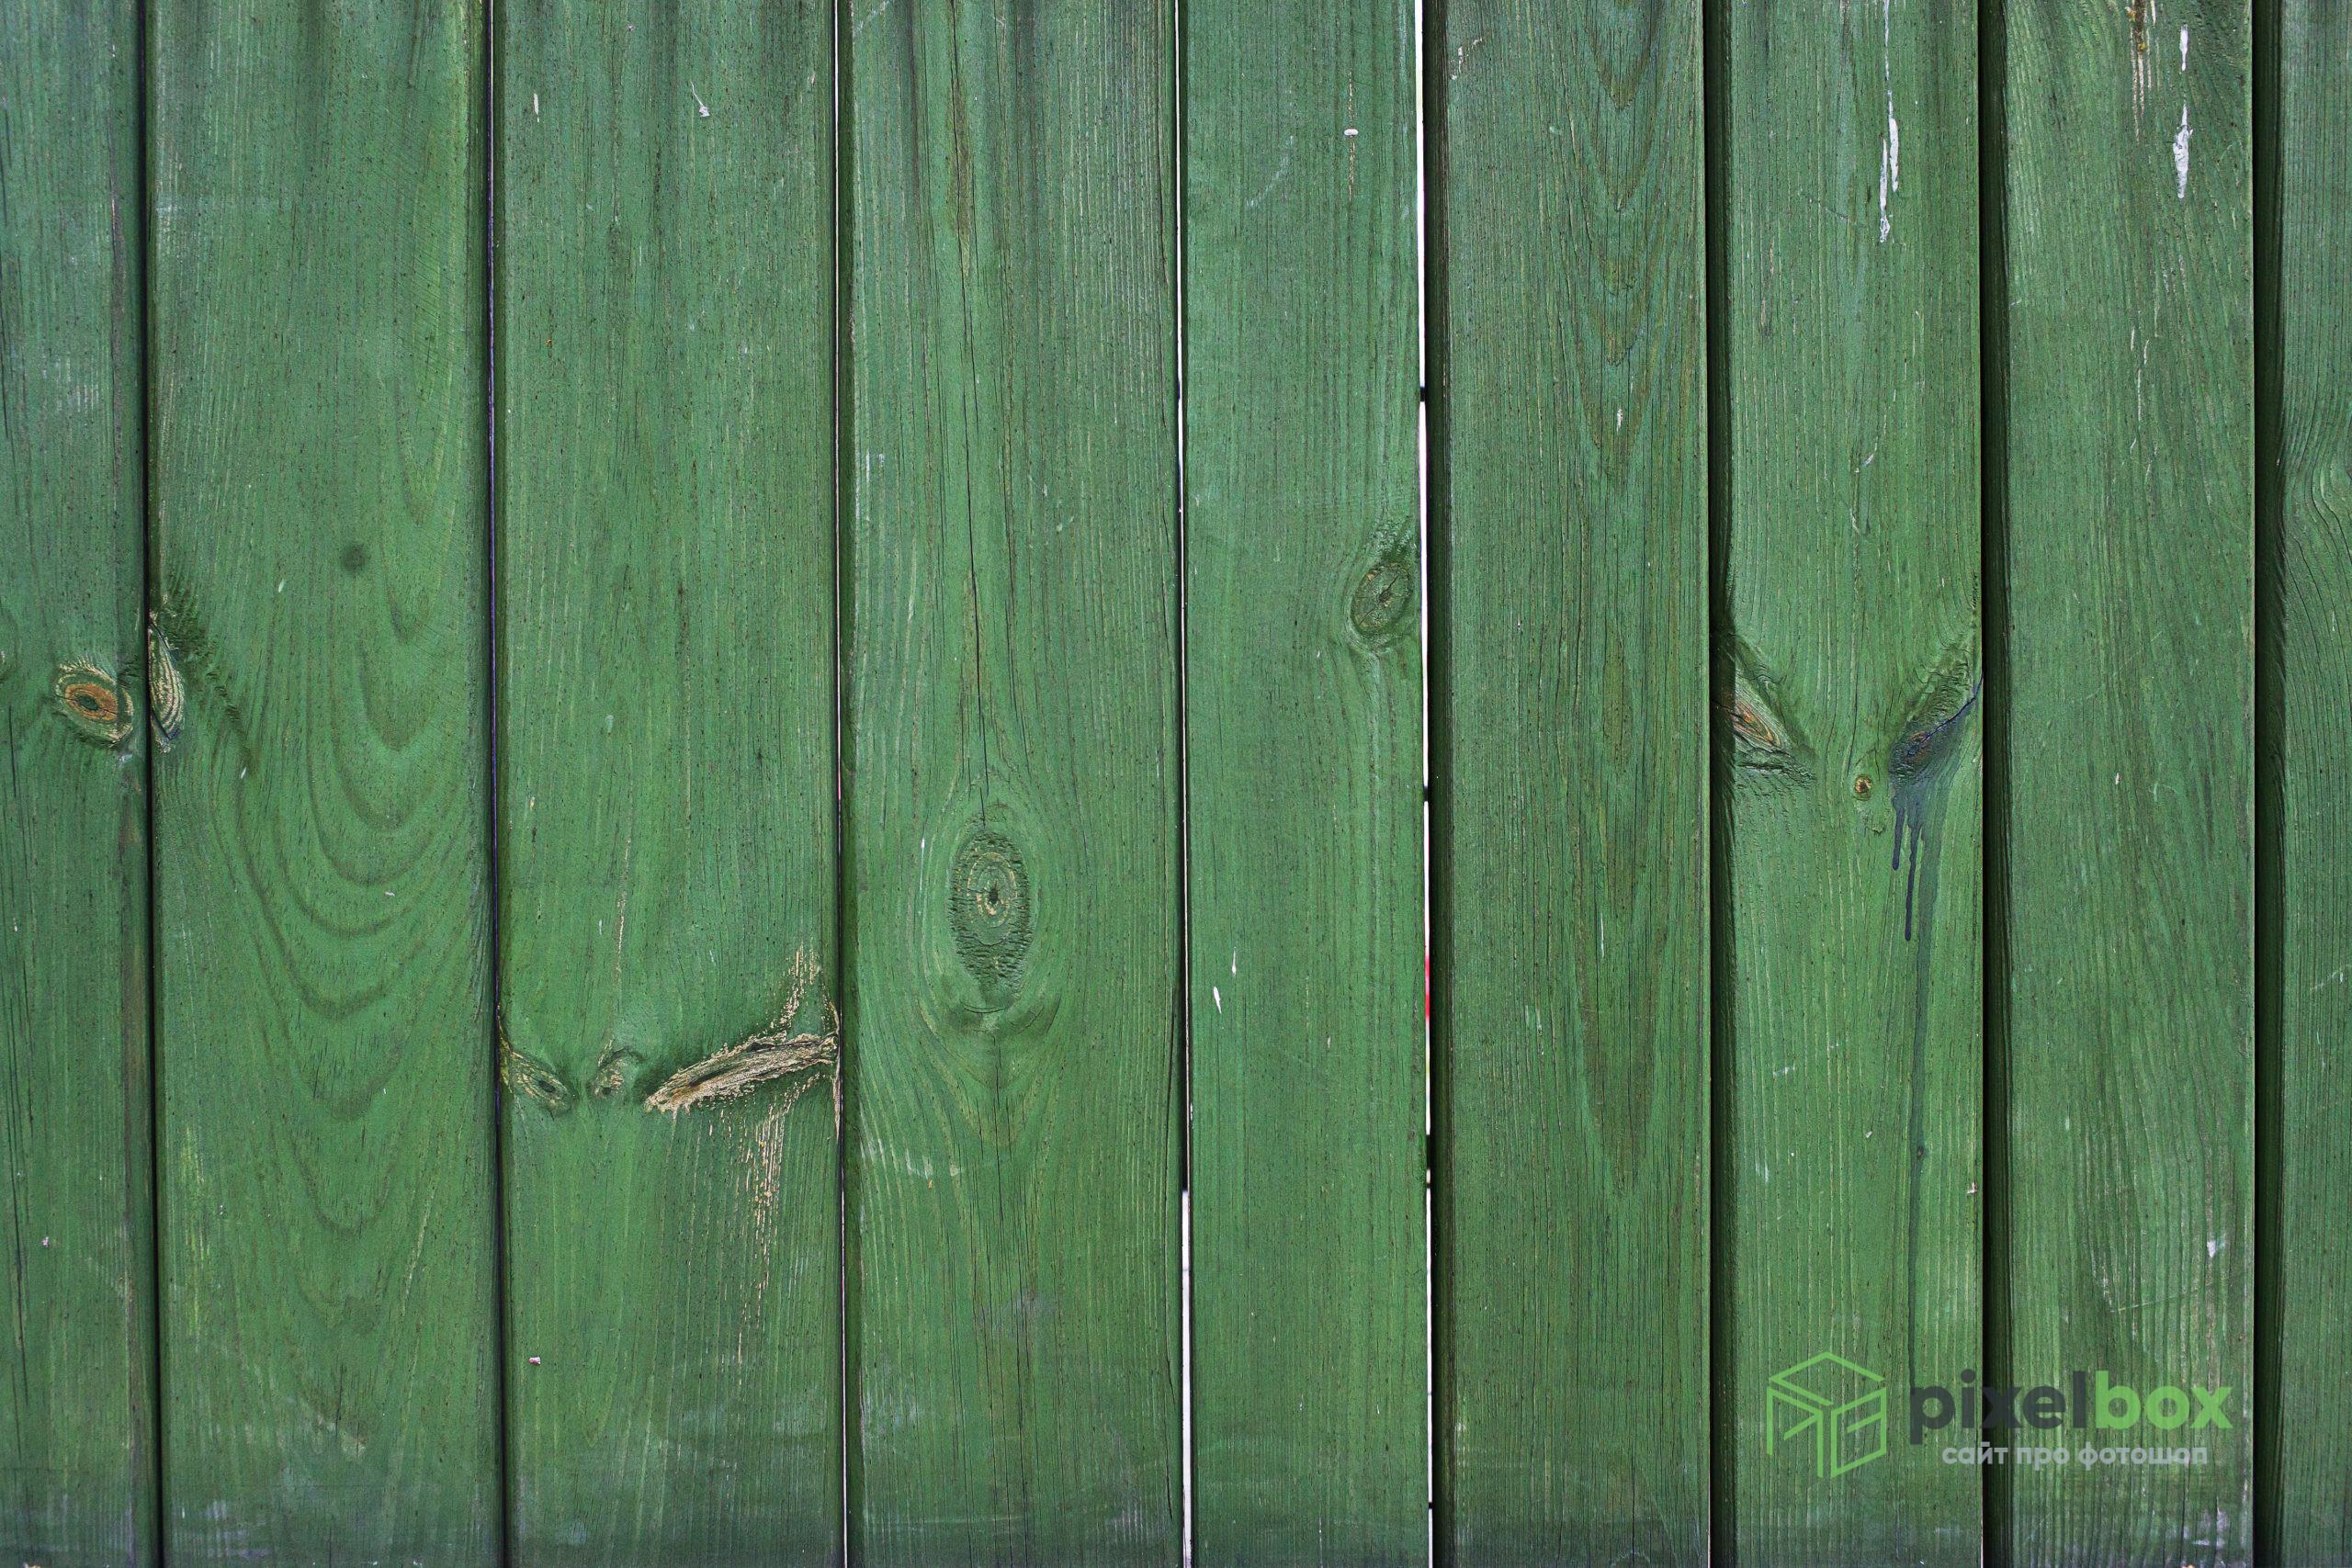 Зеленые фоны и текстуры для Photoshop и дизайна